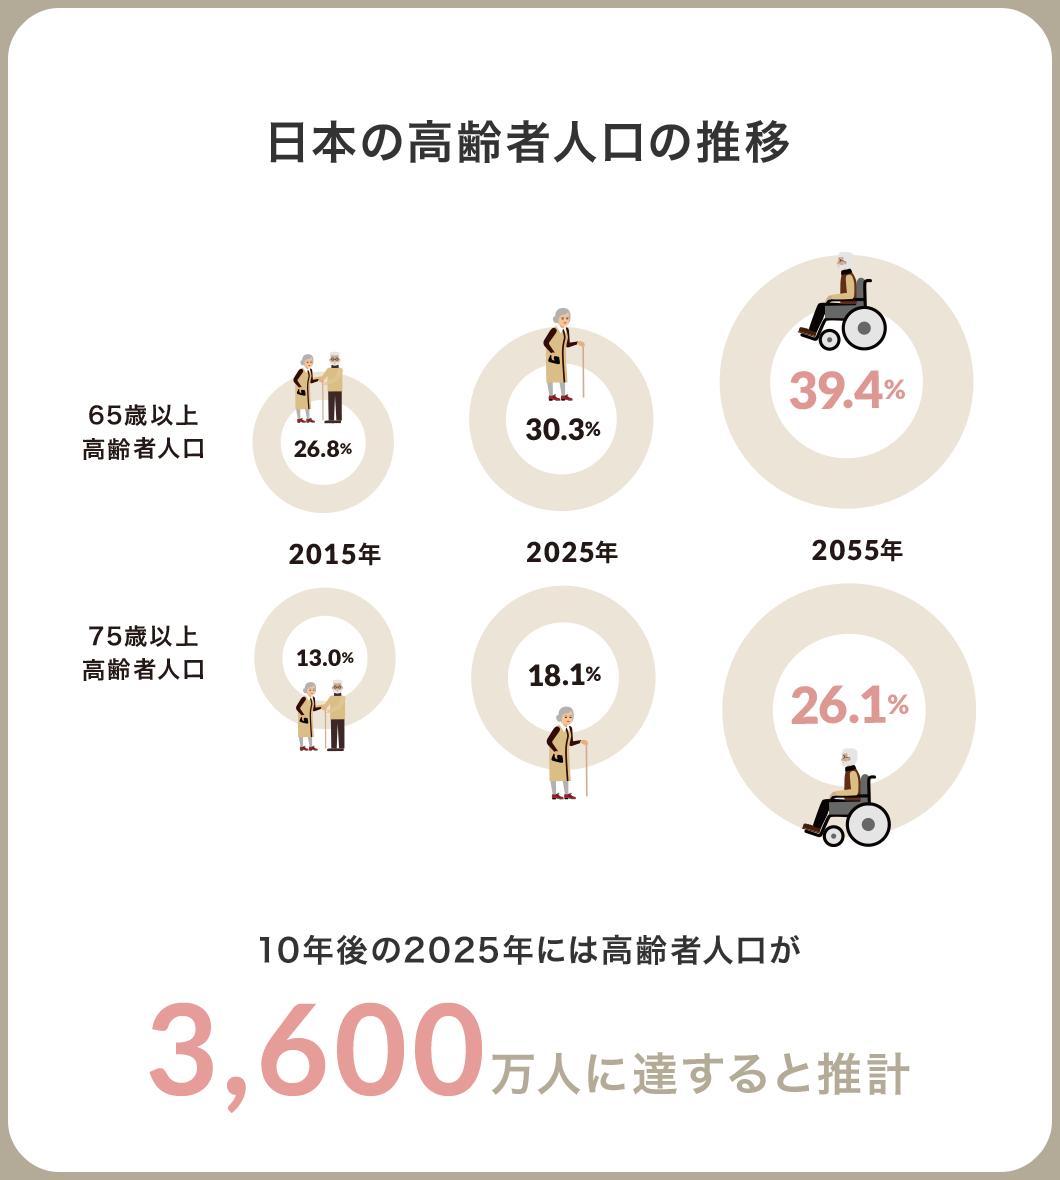 日本の高齢者人口の推移 10年後の2025年には高齢者人口が3,600万人に達すると推計